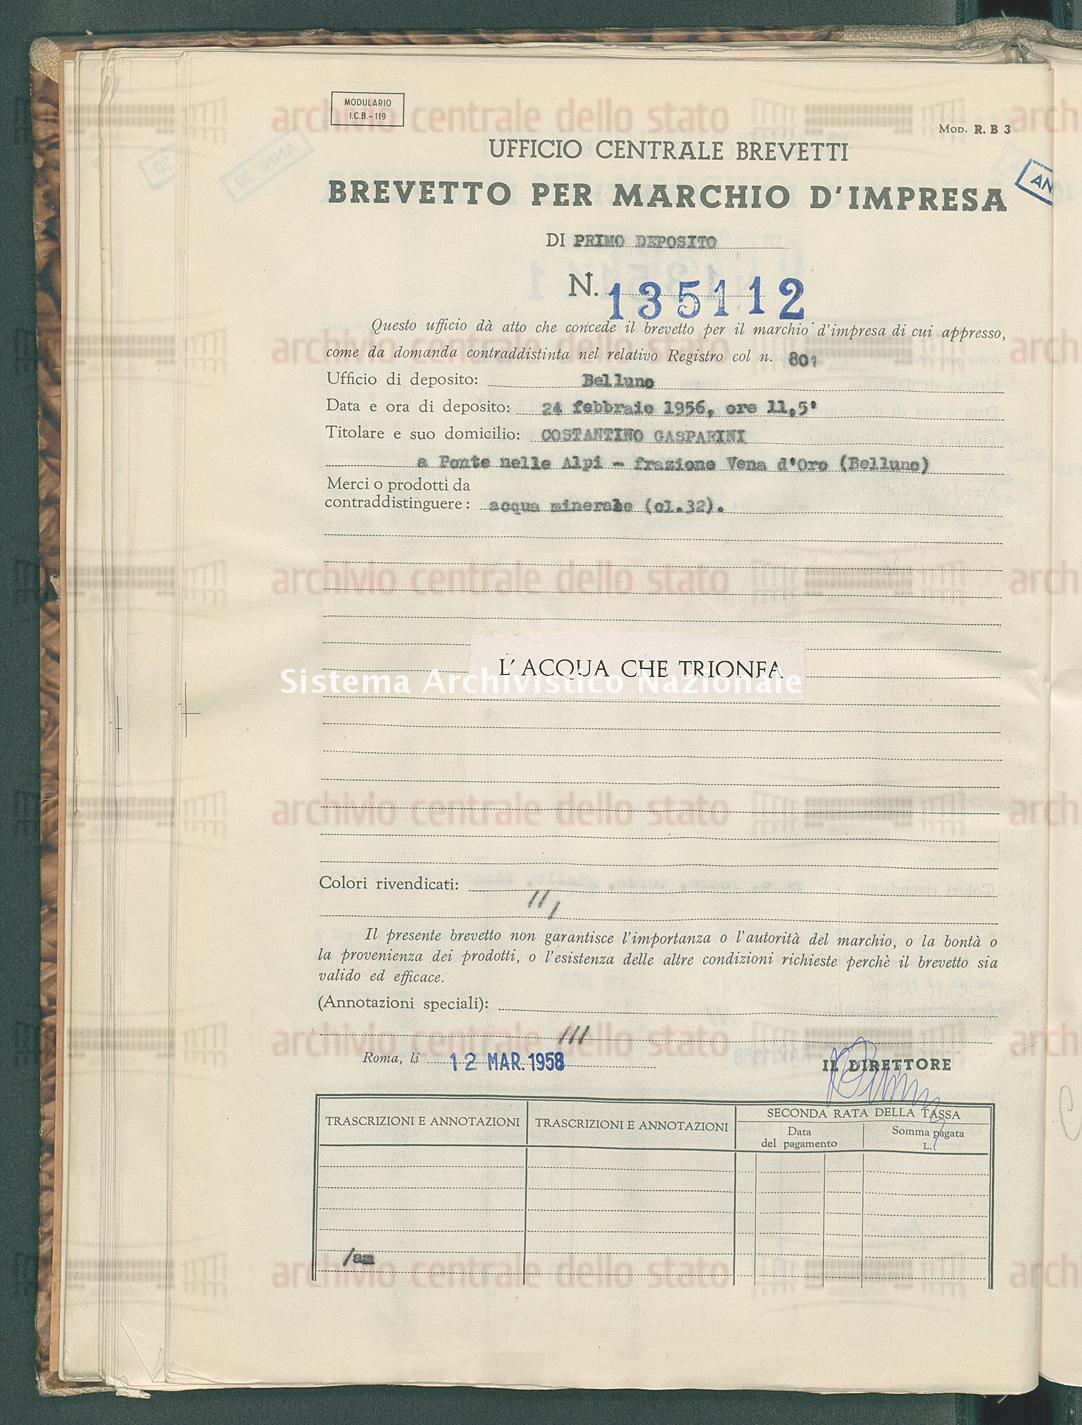 Acqua minerale Costantino Gasparini (12/03/1958)